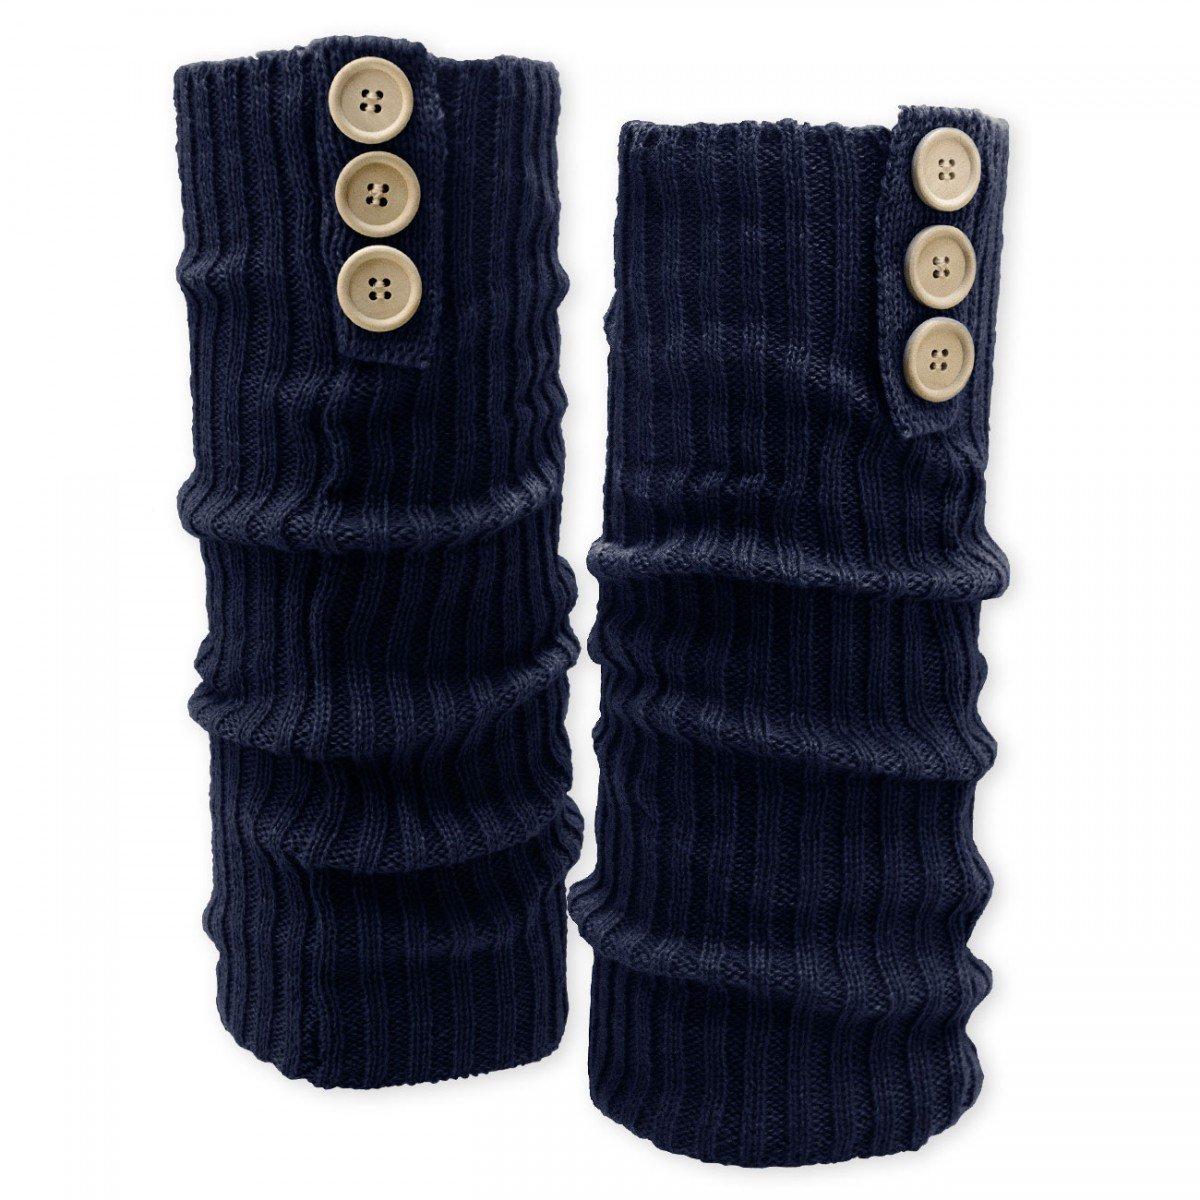 SoulCats superweiche Grobstrick Bein Stulpen mit Knöpfen in den Farben blau grau und schwarz